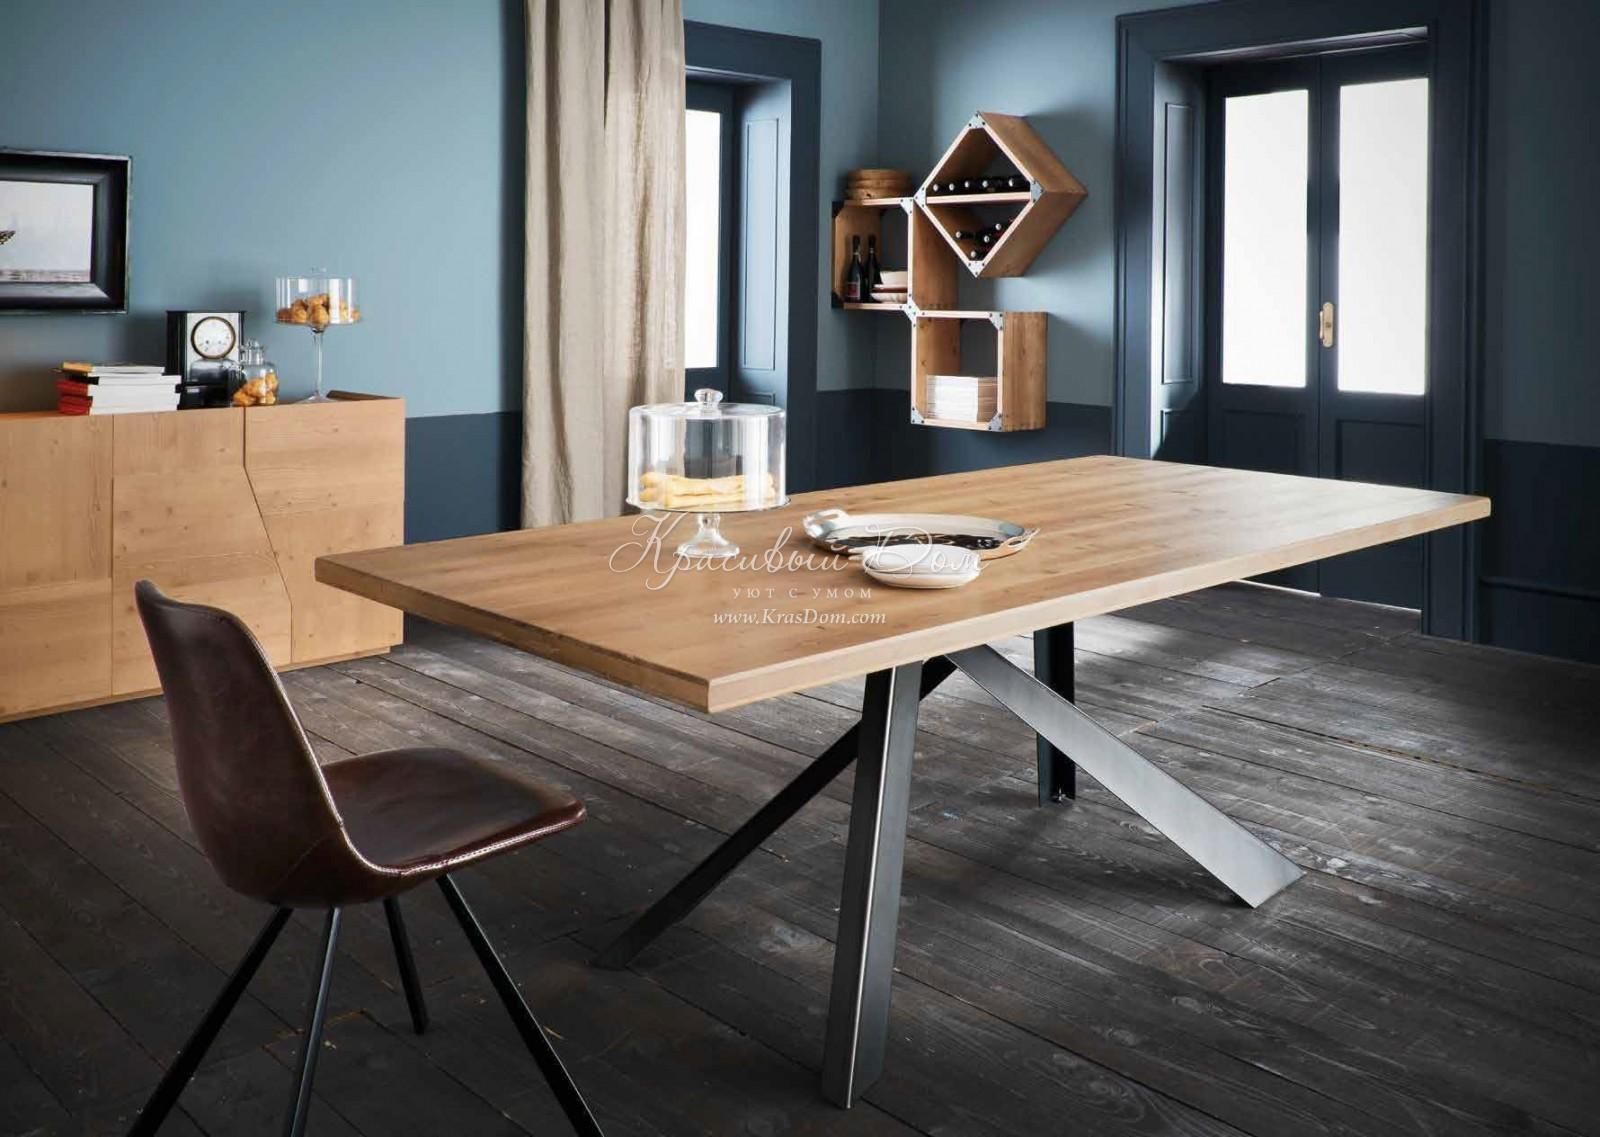 стол обеденный Alta007 обеденный стол с деревянной